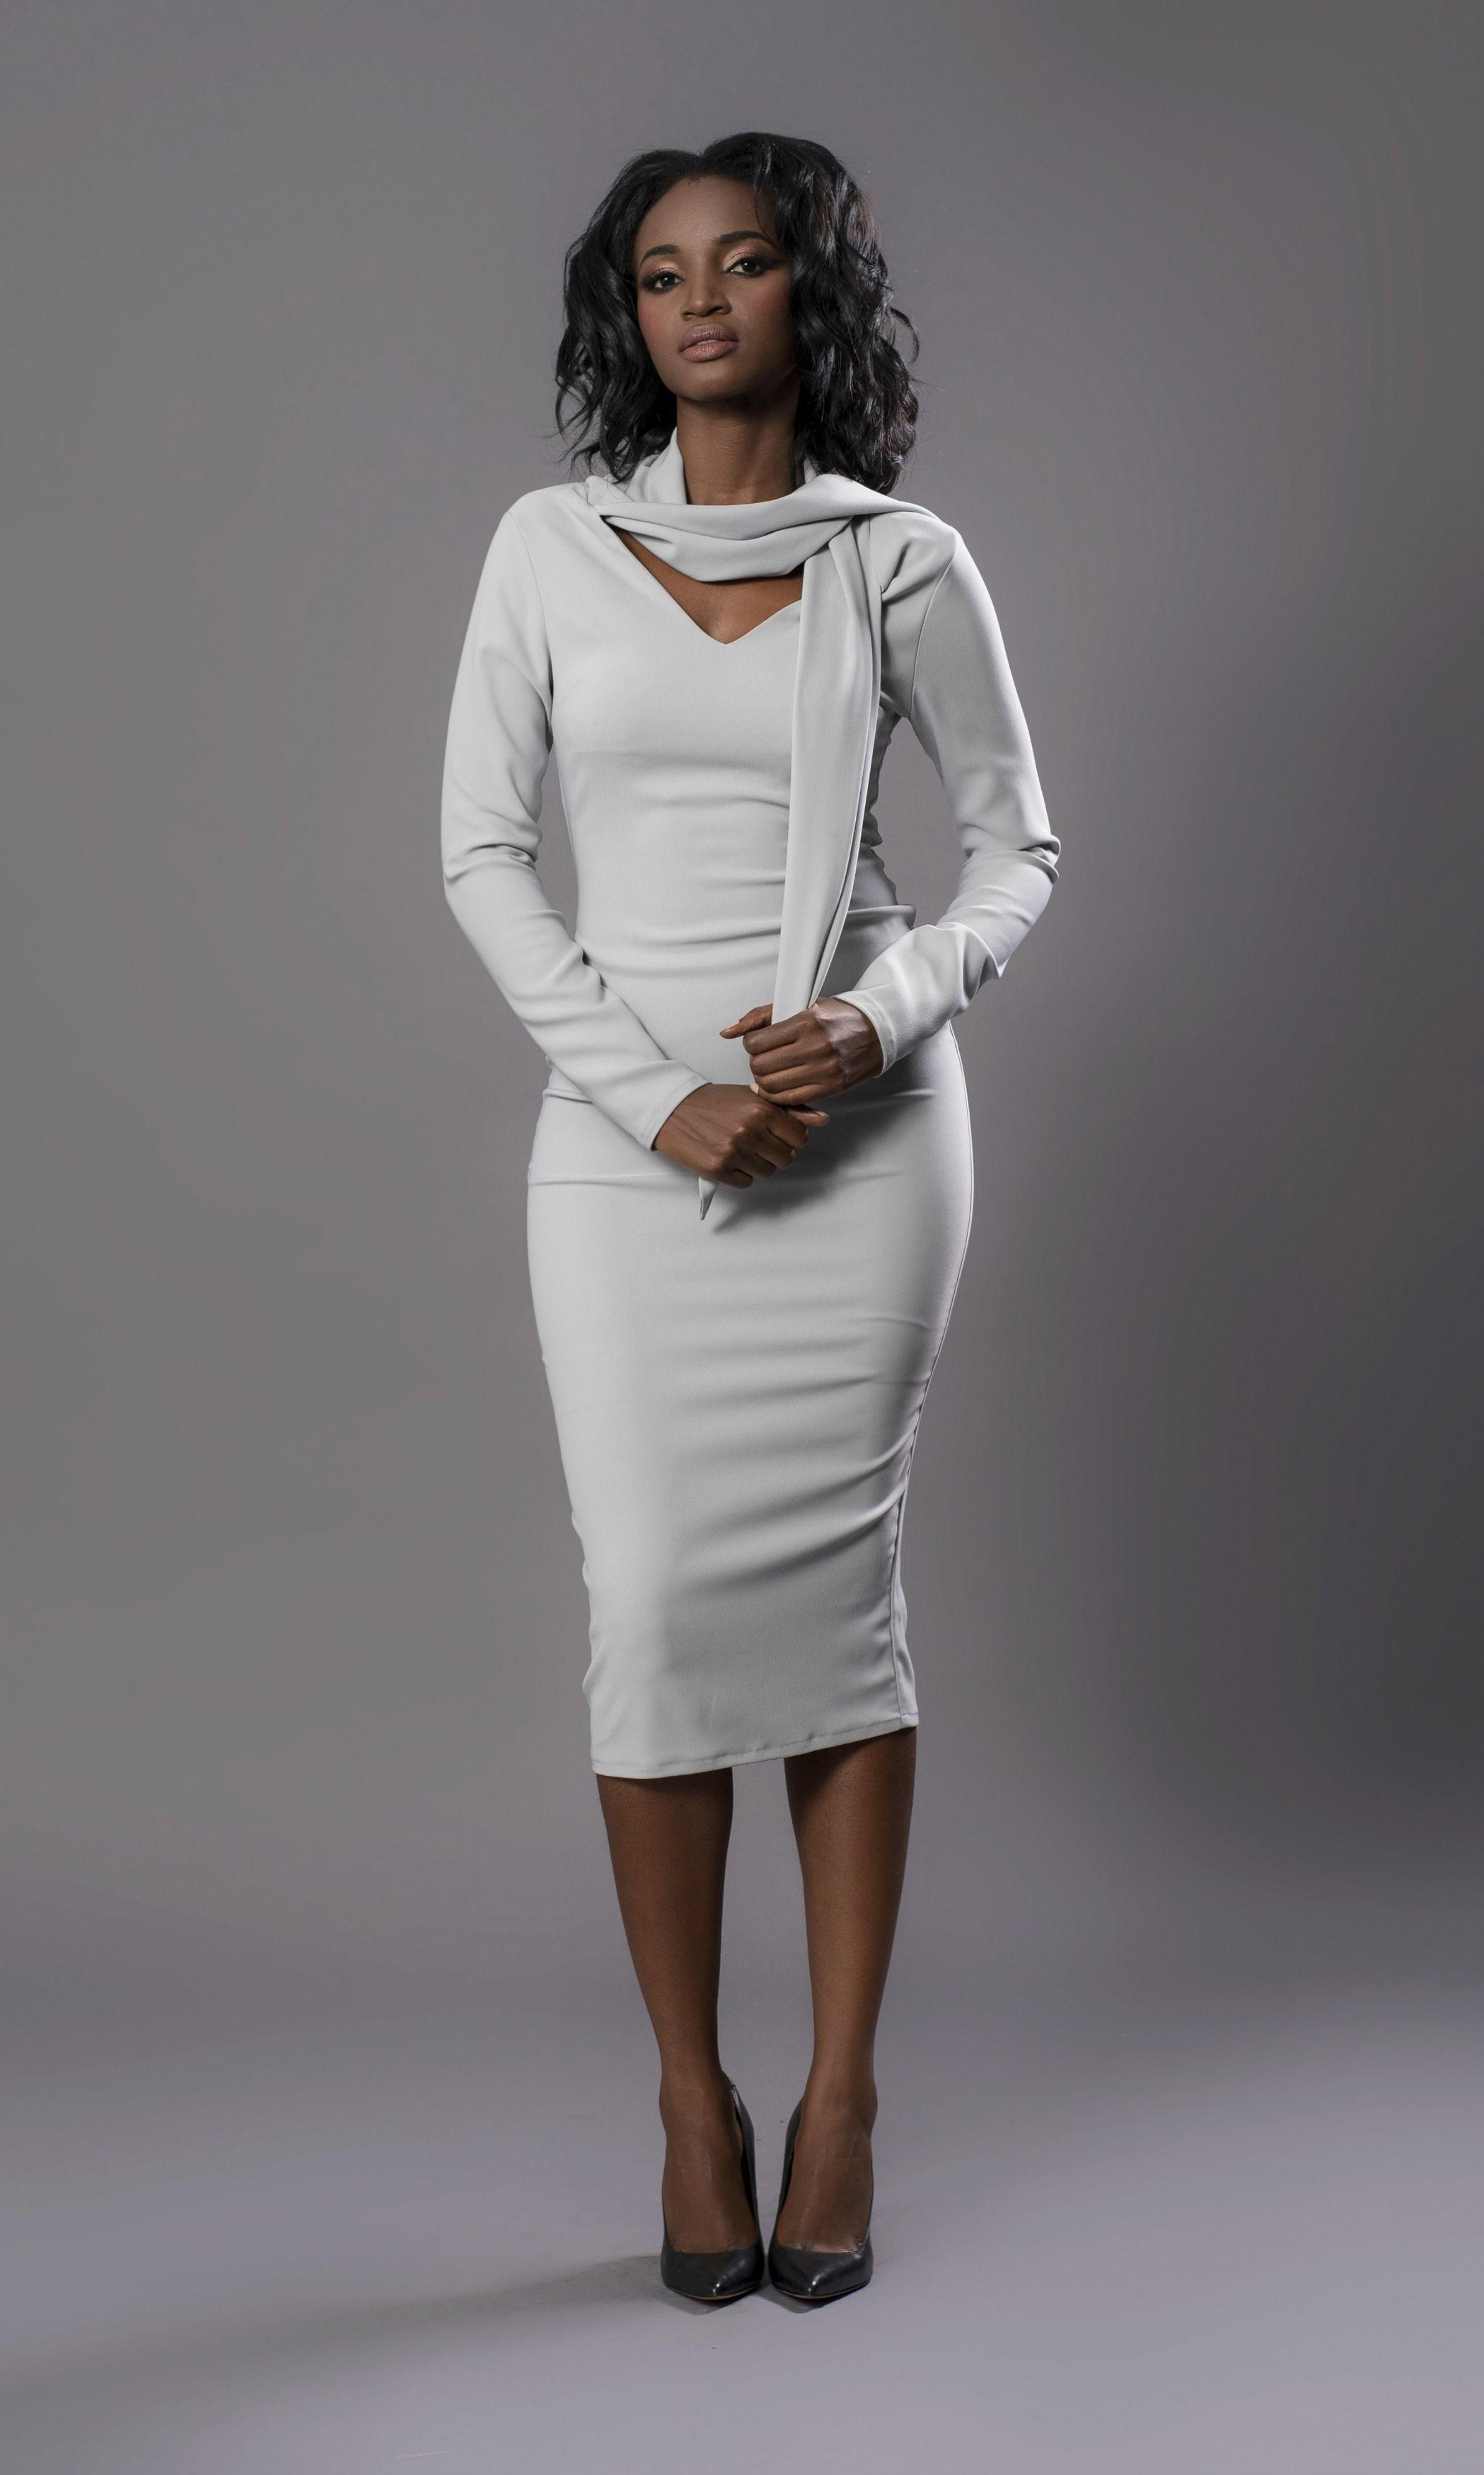 Idrine Bishweka Lina Dress Http Ibishweka Net Product Lina Dress Dresses Fashion Neck Dress [ 3498 x 2098 Pixel ]